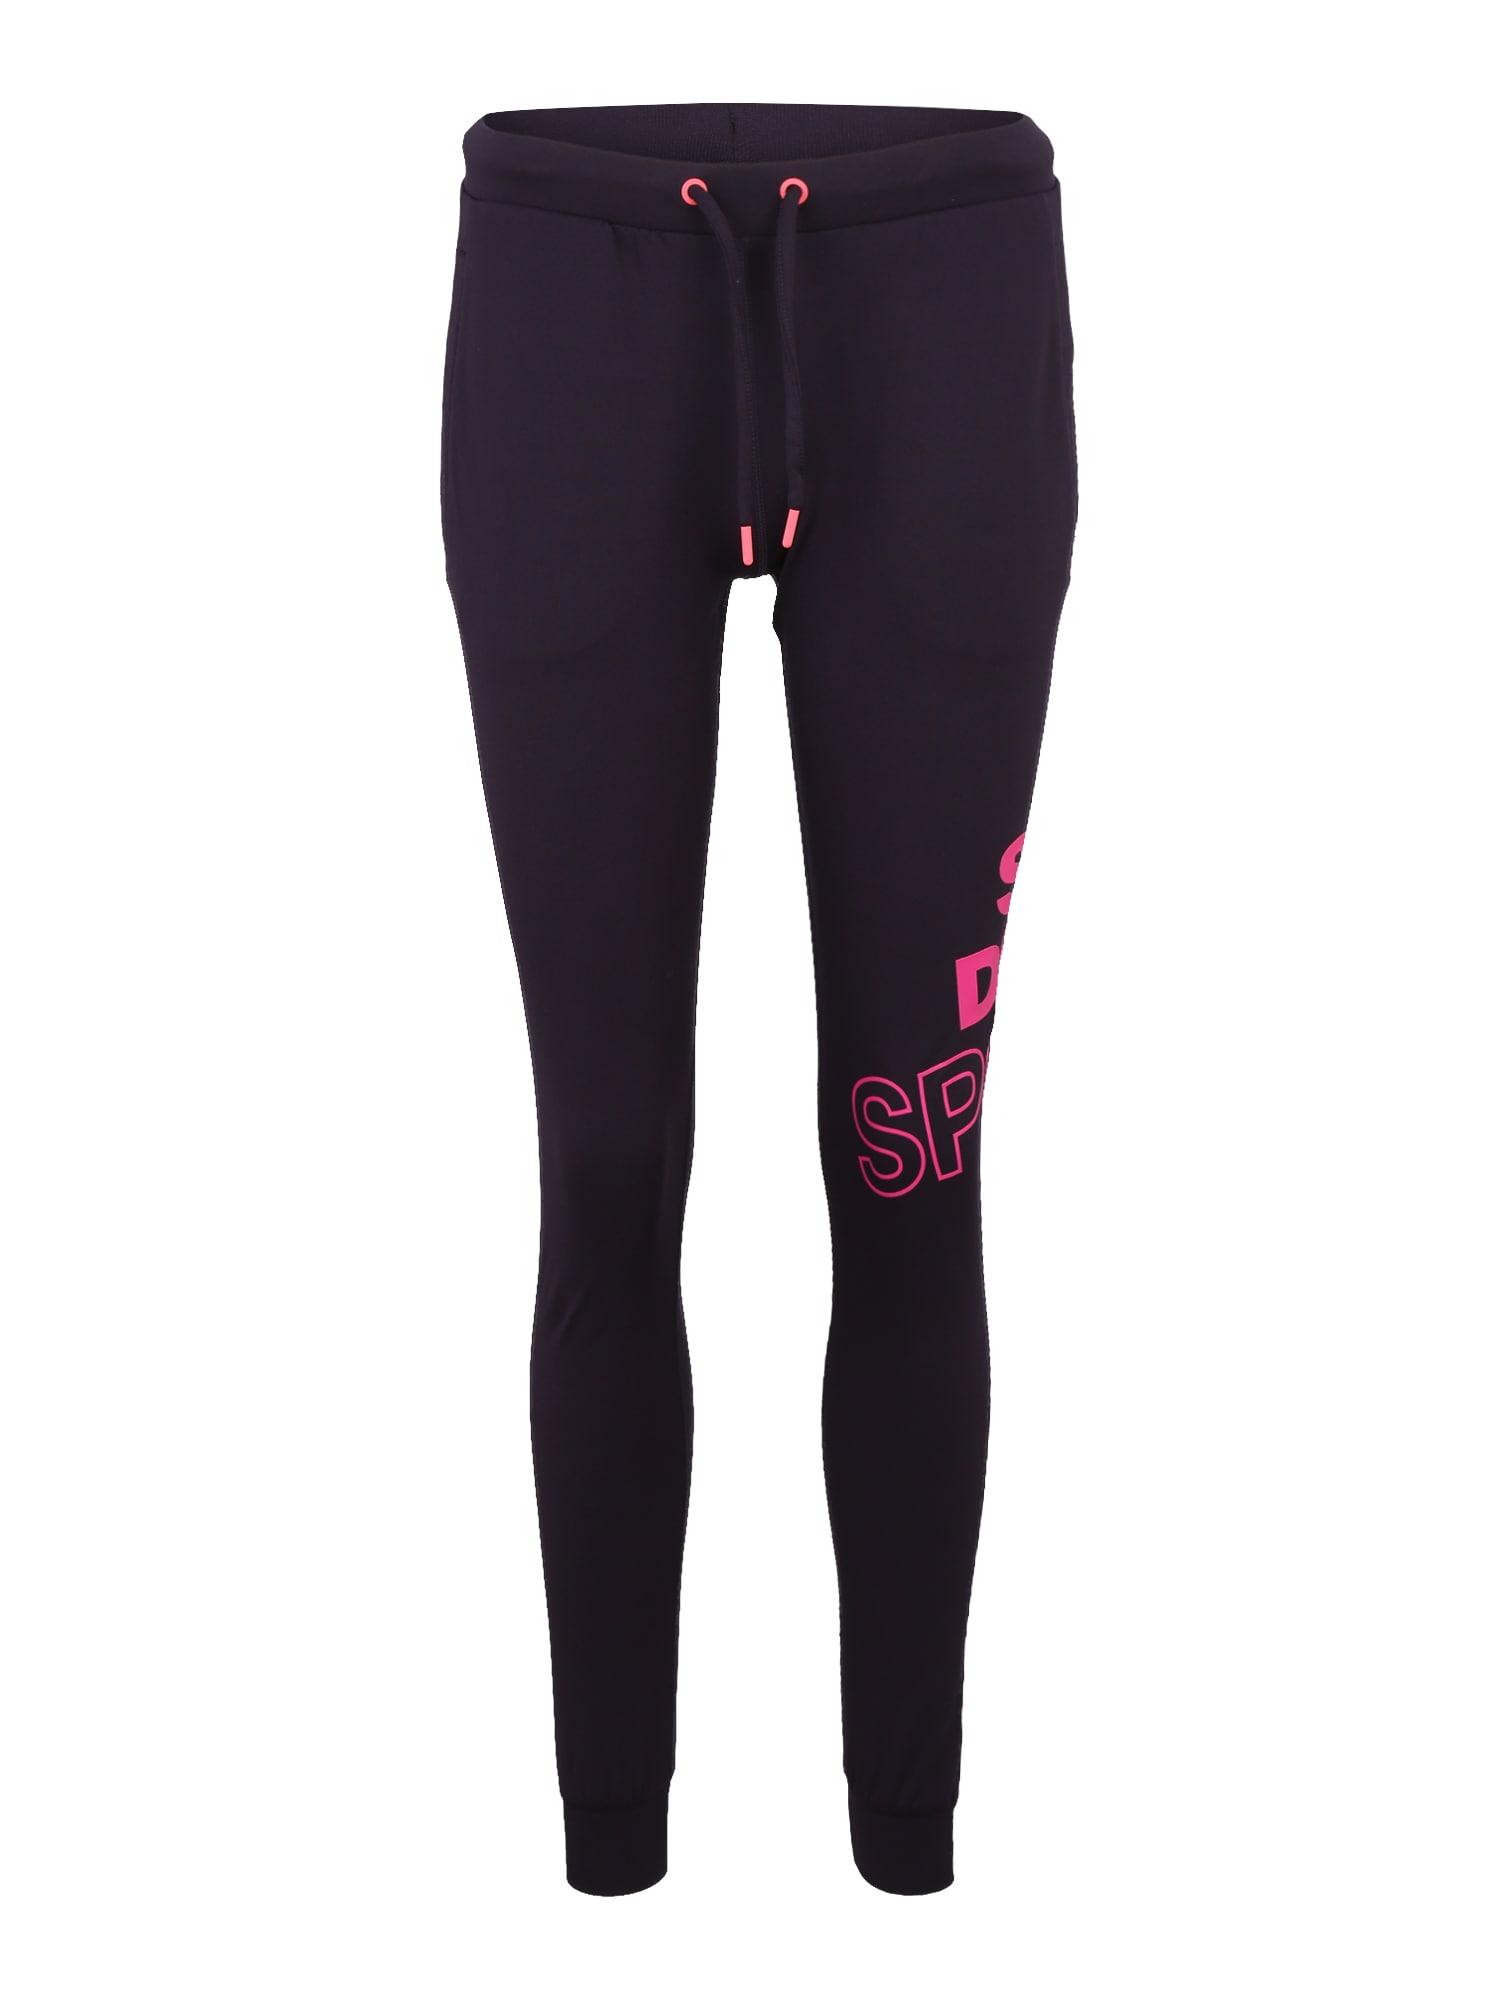 Sportovní kalhoty CORE GRAPHIC pink černá Superdry